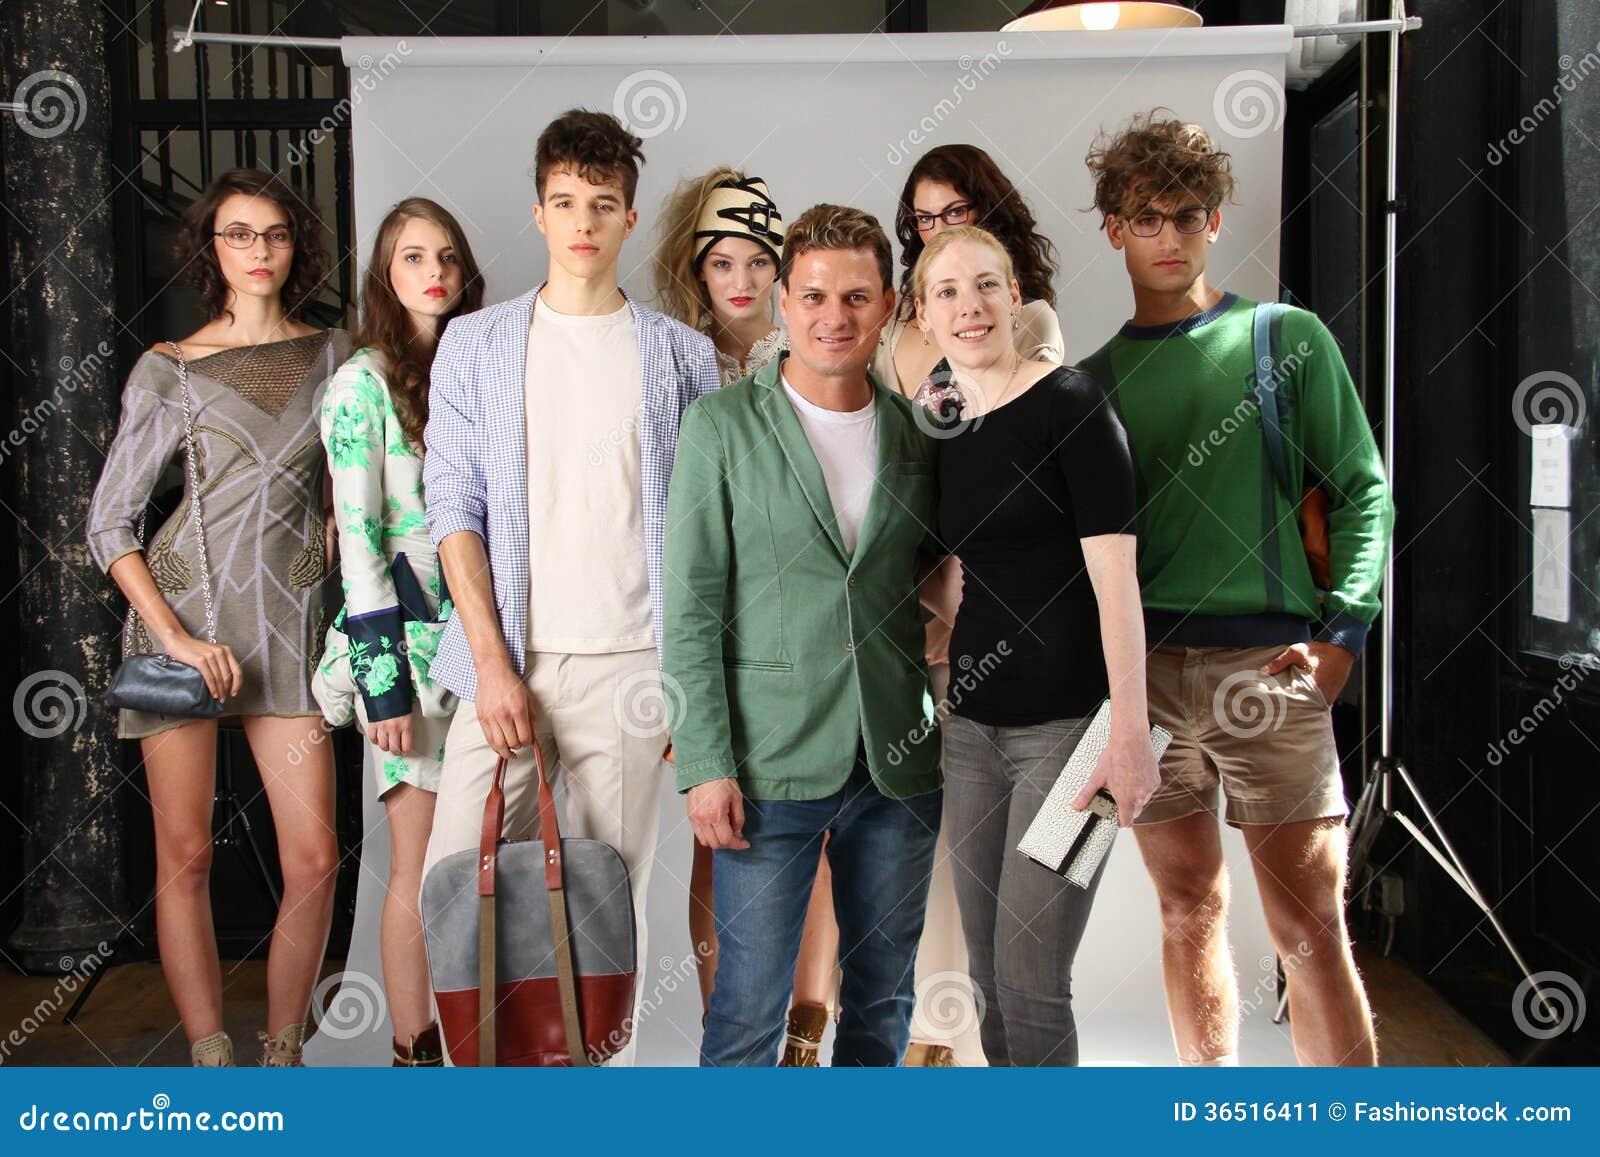 NEW YORK, NY - 6 SEPTEMBRE : Le concepteur Sergio Davila (c) et les modèles chez Sergio Davila façonnent la présentation